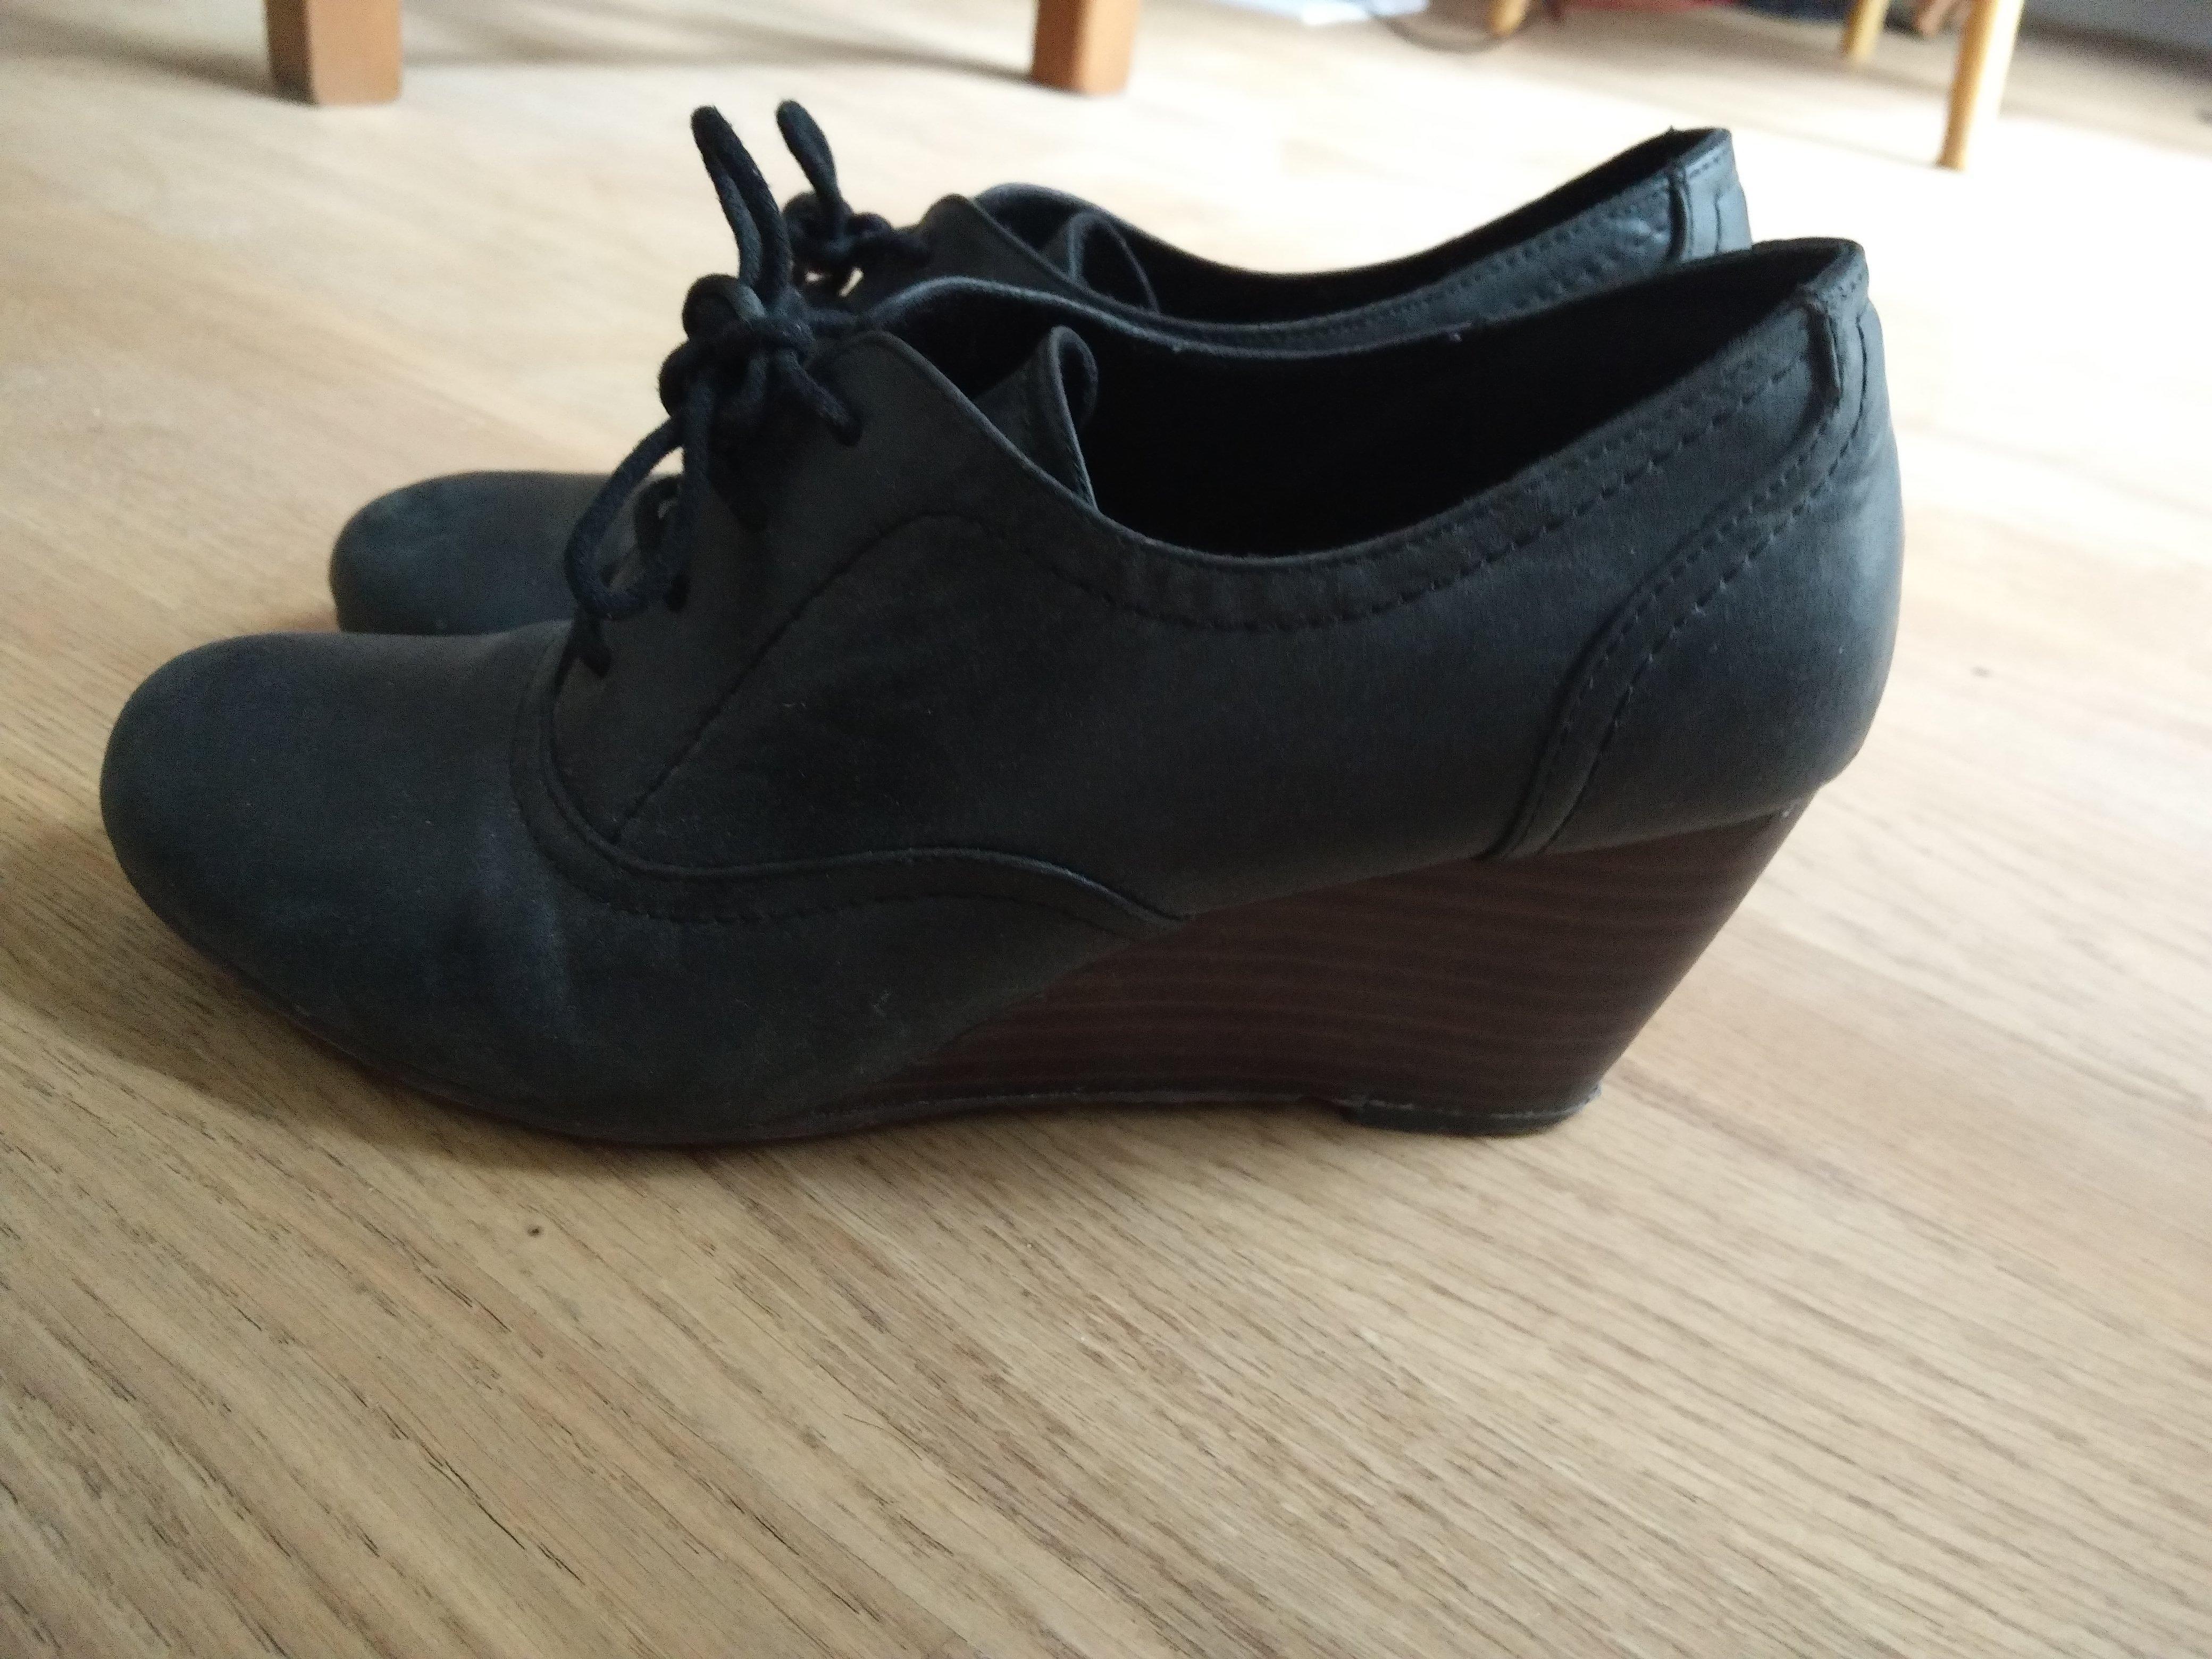 troc de troc chaussure derbies à talon noires image 1